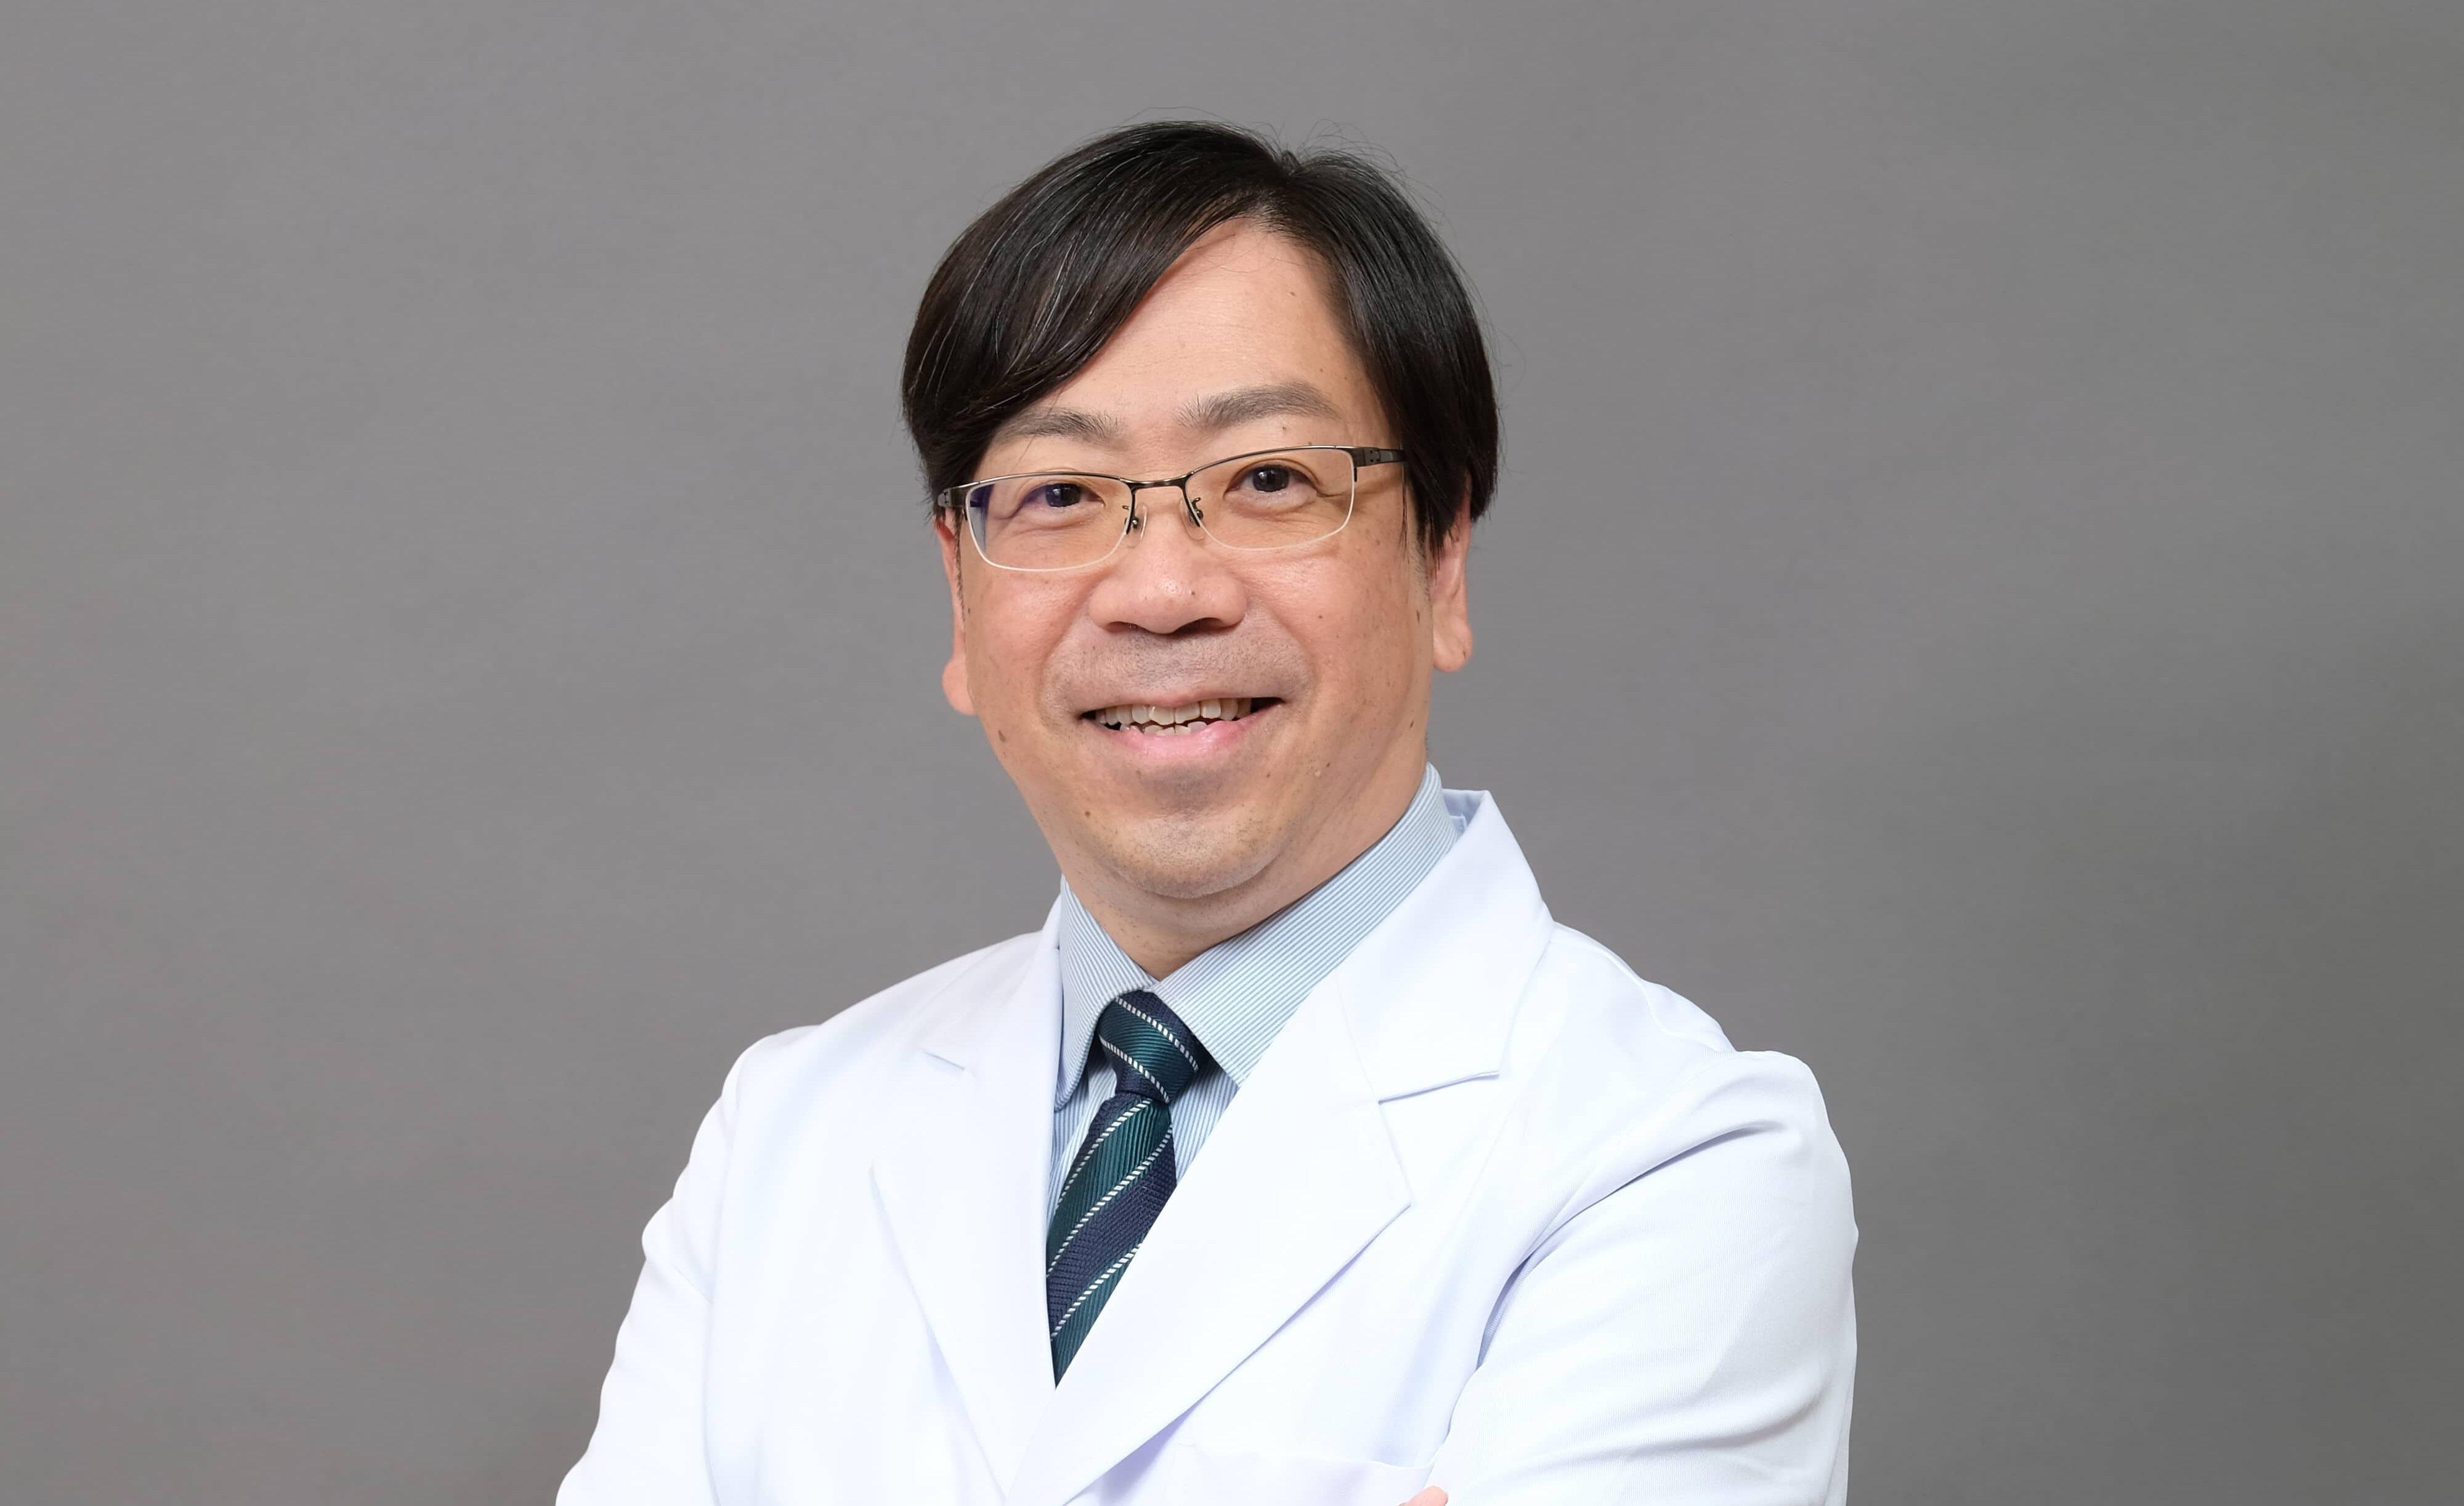 臨床腫瘤科專科醫生蘇炳輝表示,想減低患癌風險,應保持良好飲食習慣。